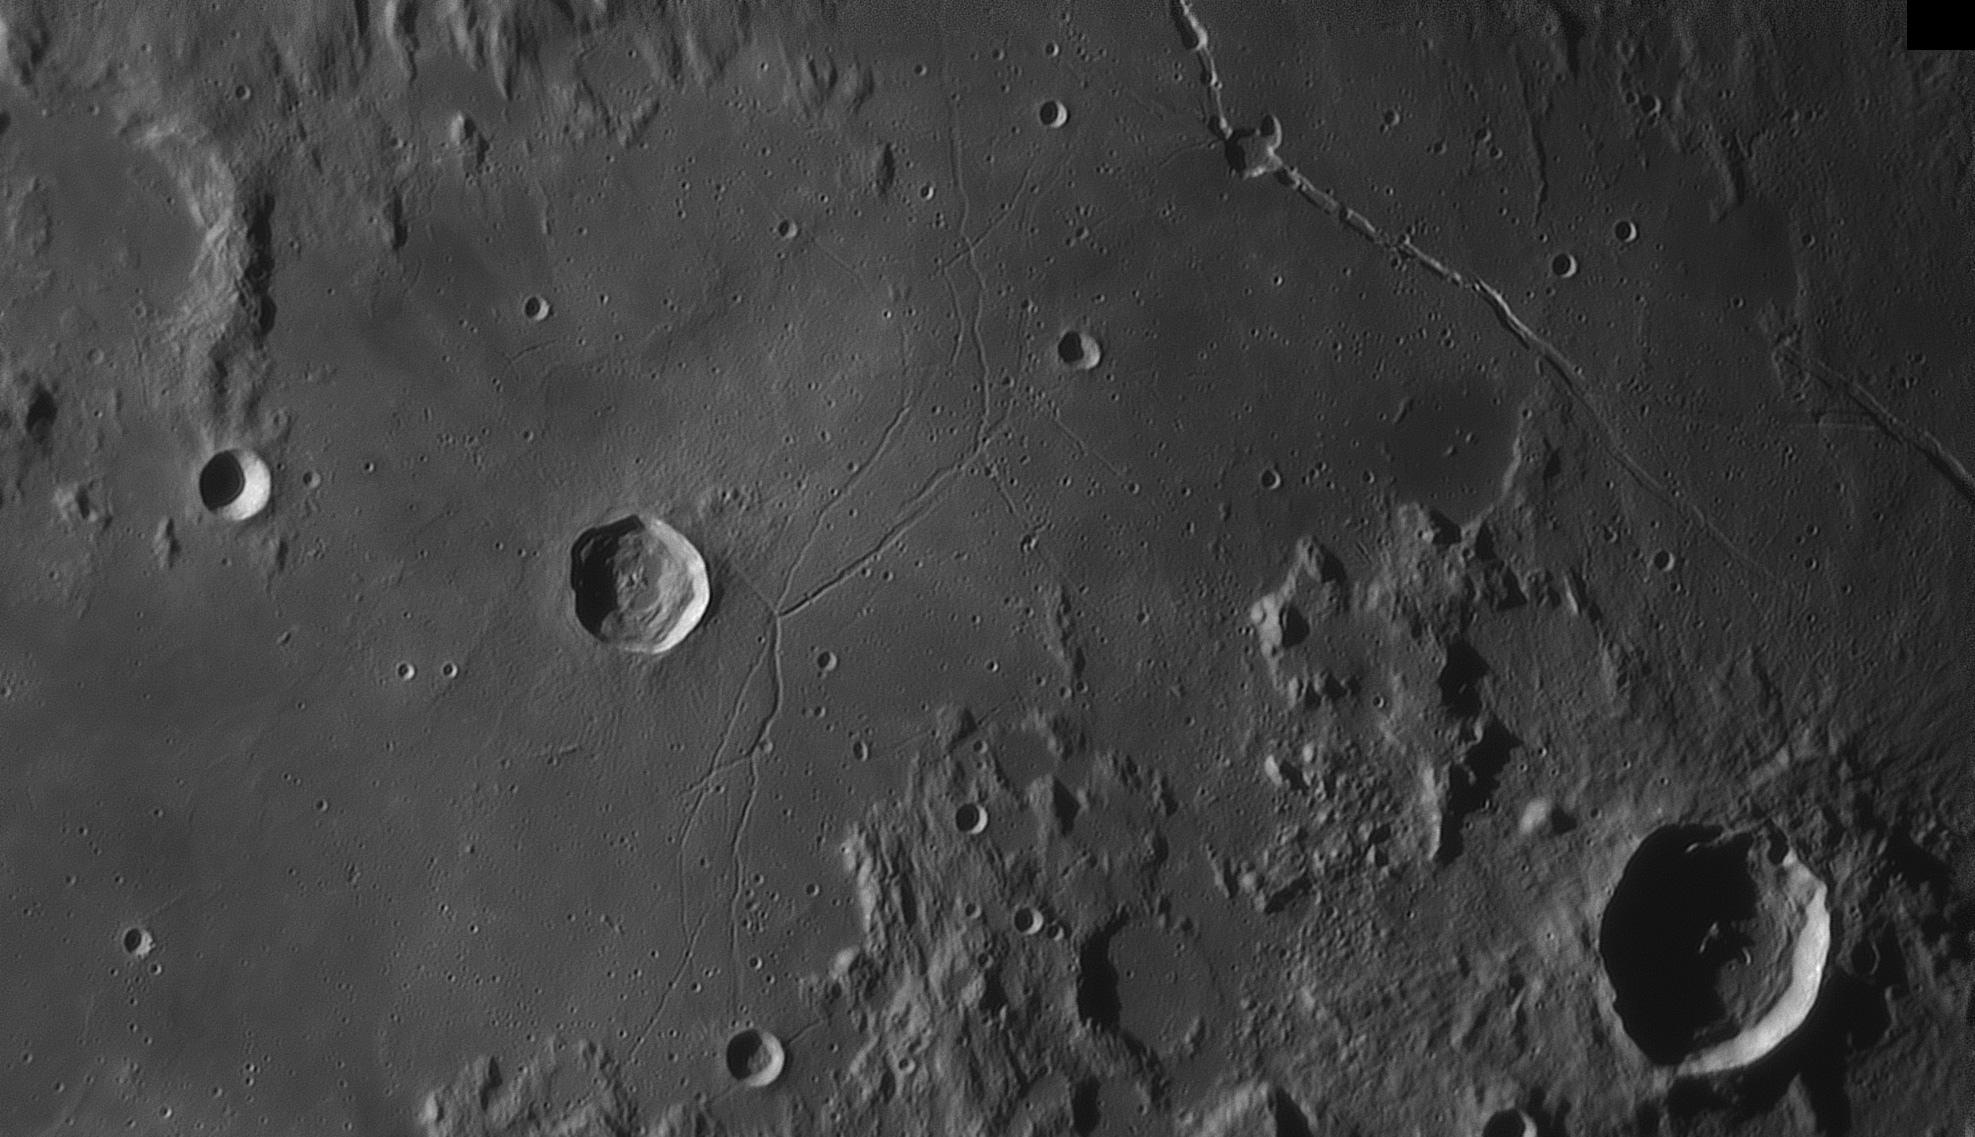 large.moon_23_07_2019_04_07_58_TRIESNECKER.jpg.a496b0463d9e3c48310842bab721489a.jpg